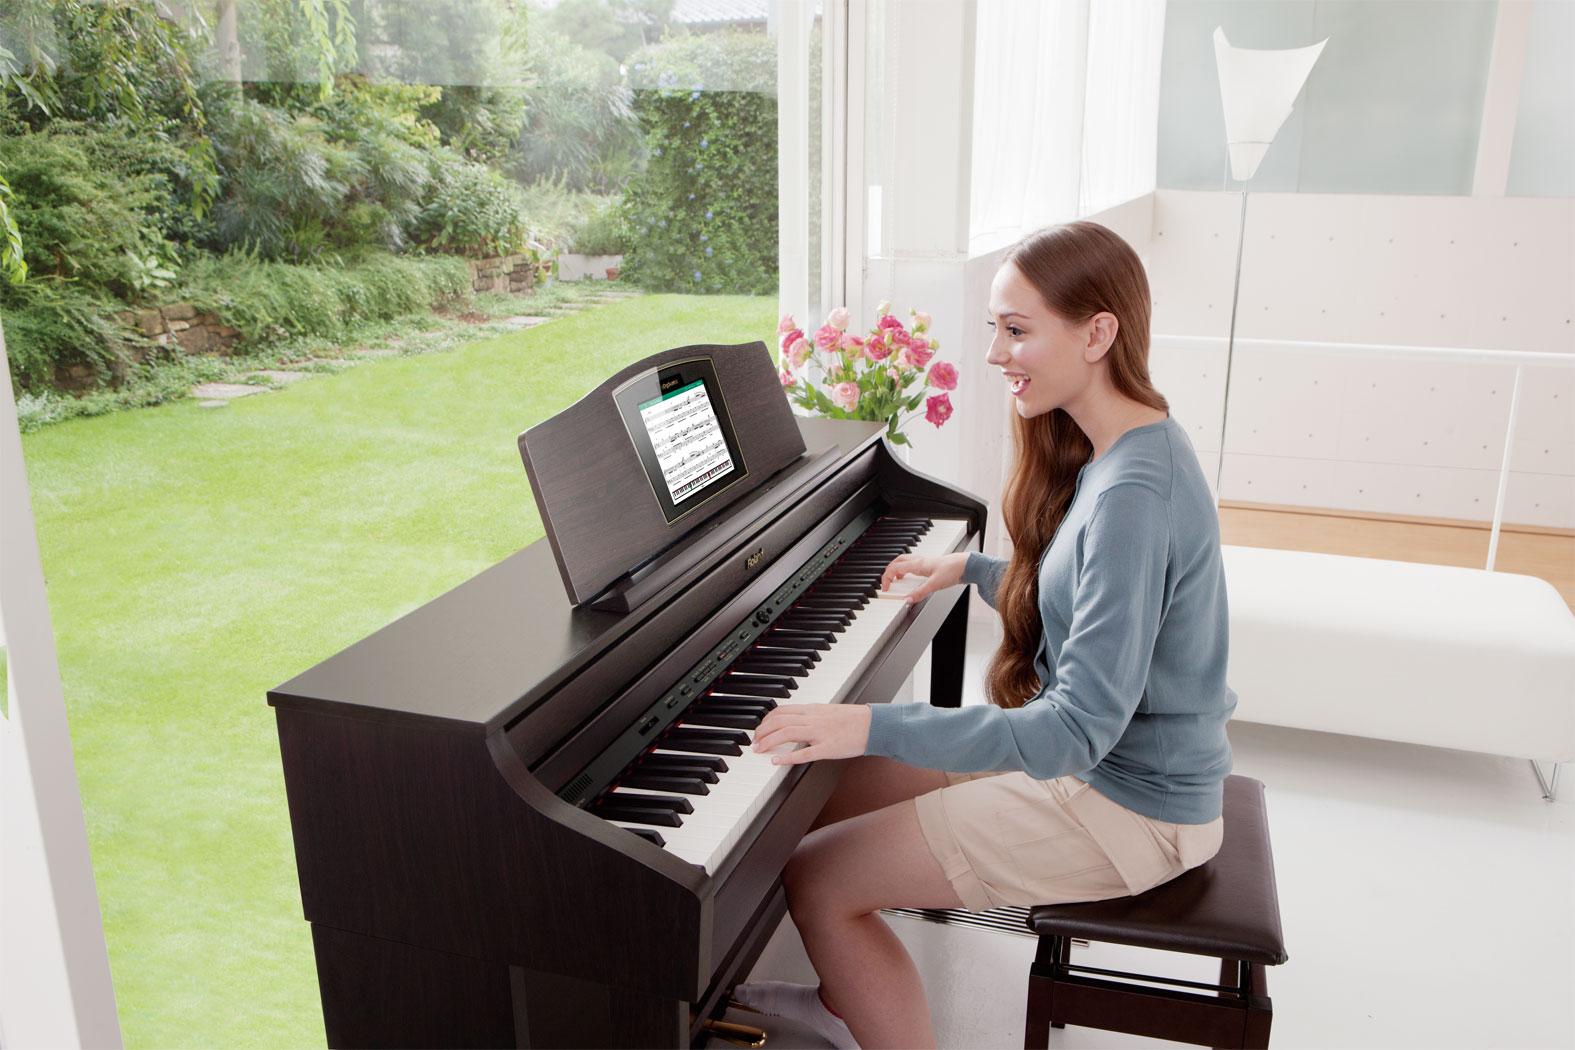 Картинка девушки играющей на пианино